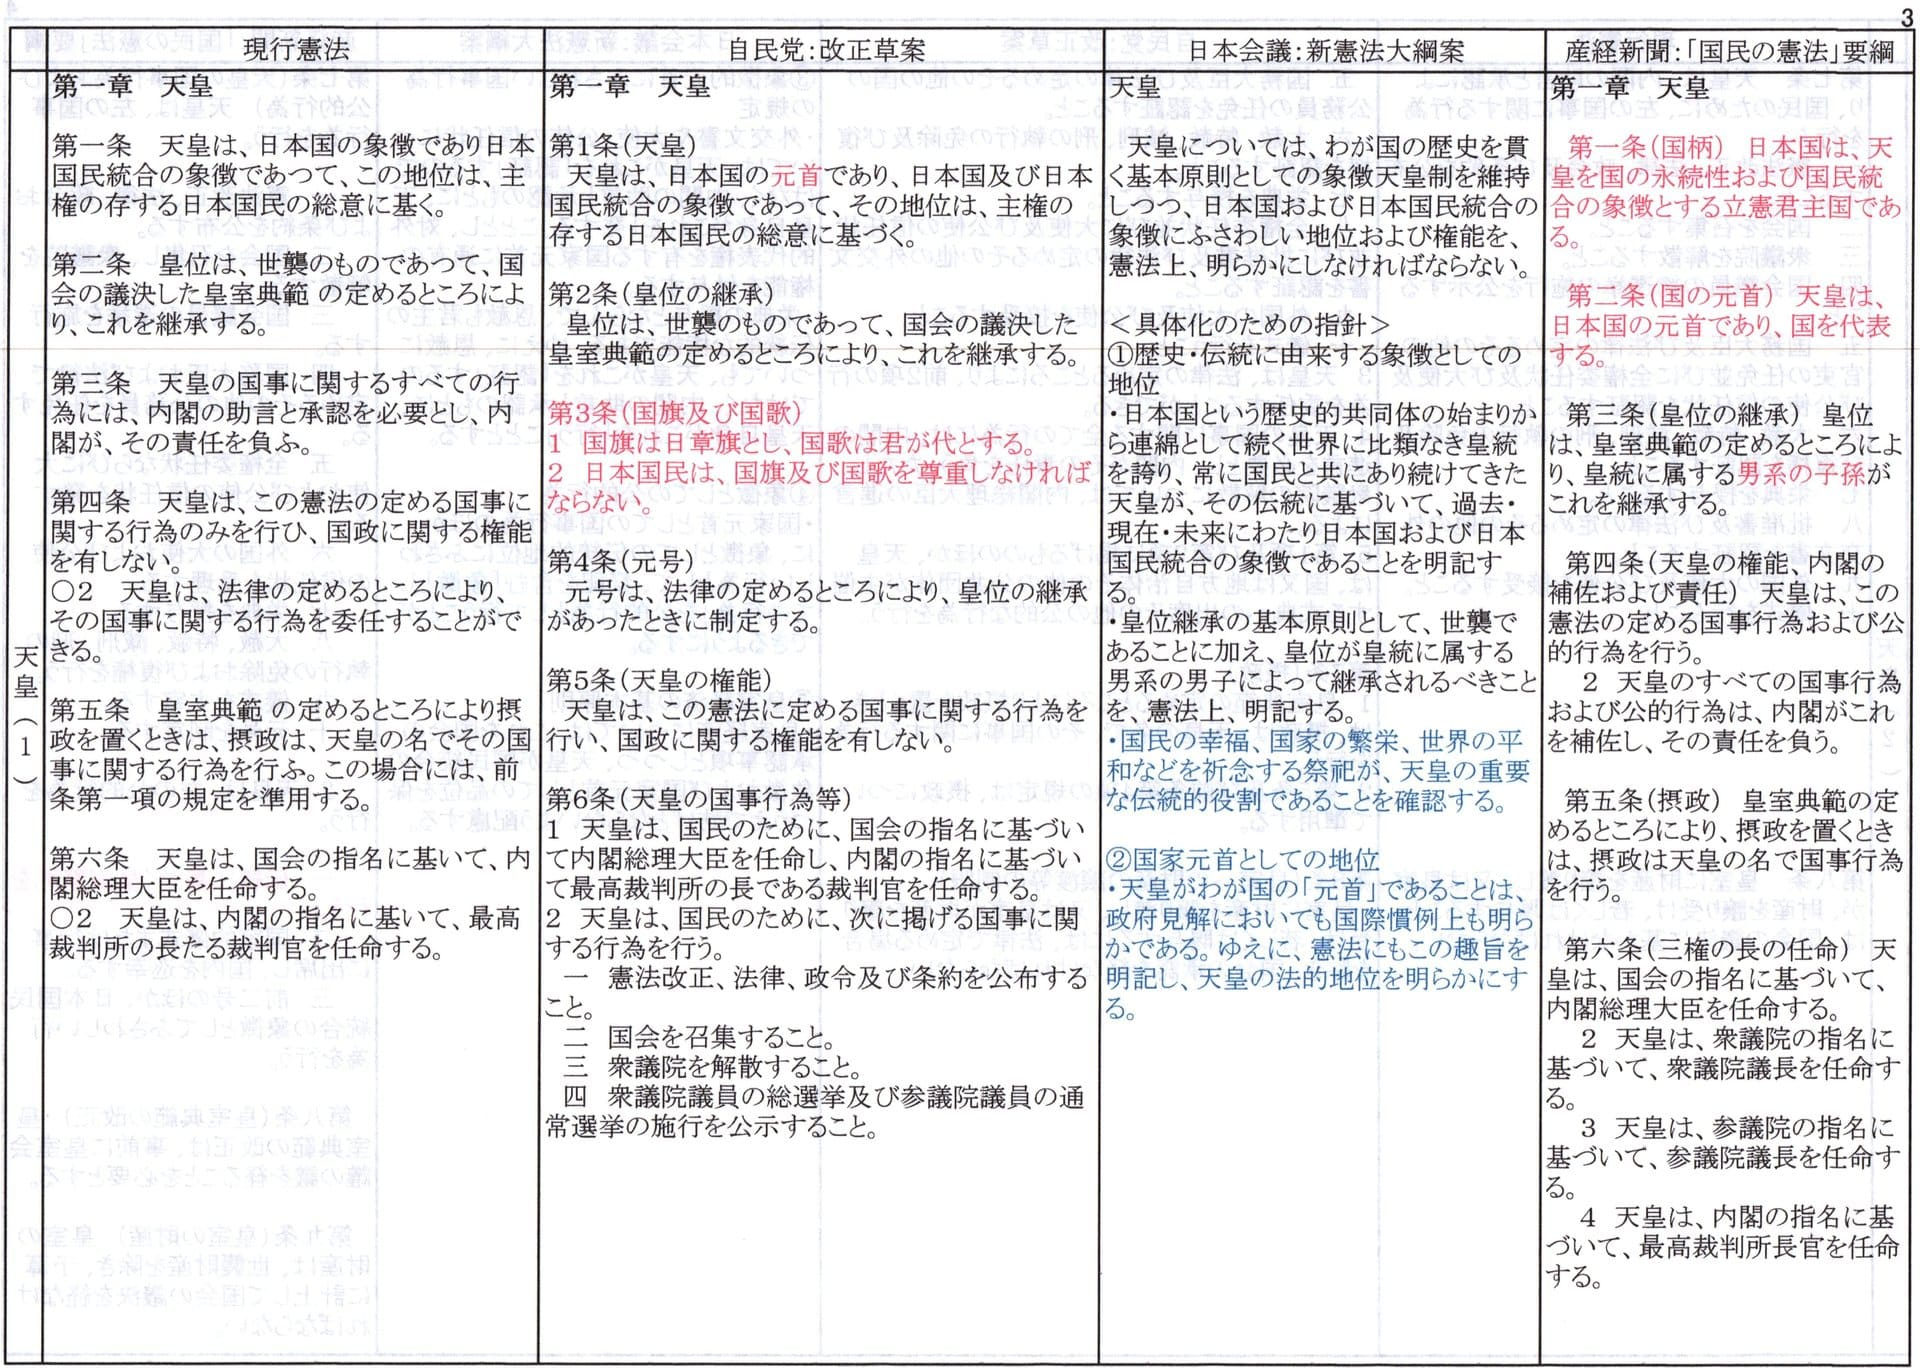 違い 憲法 日本 帝国 国 日本 大 憲法